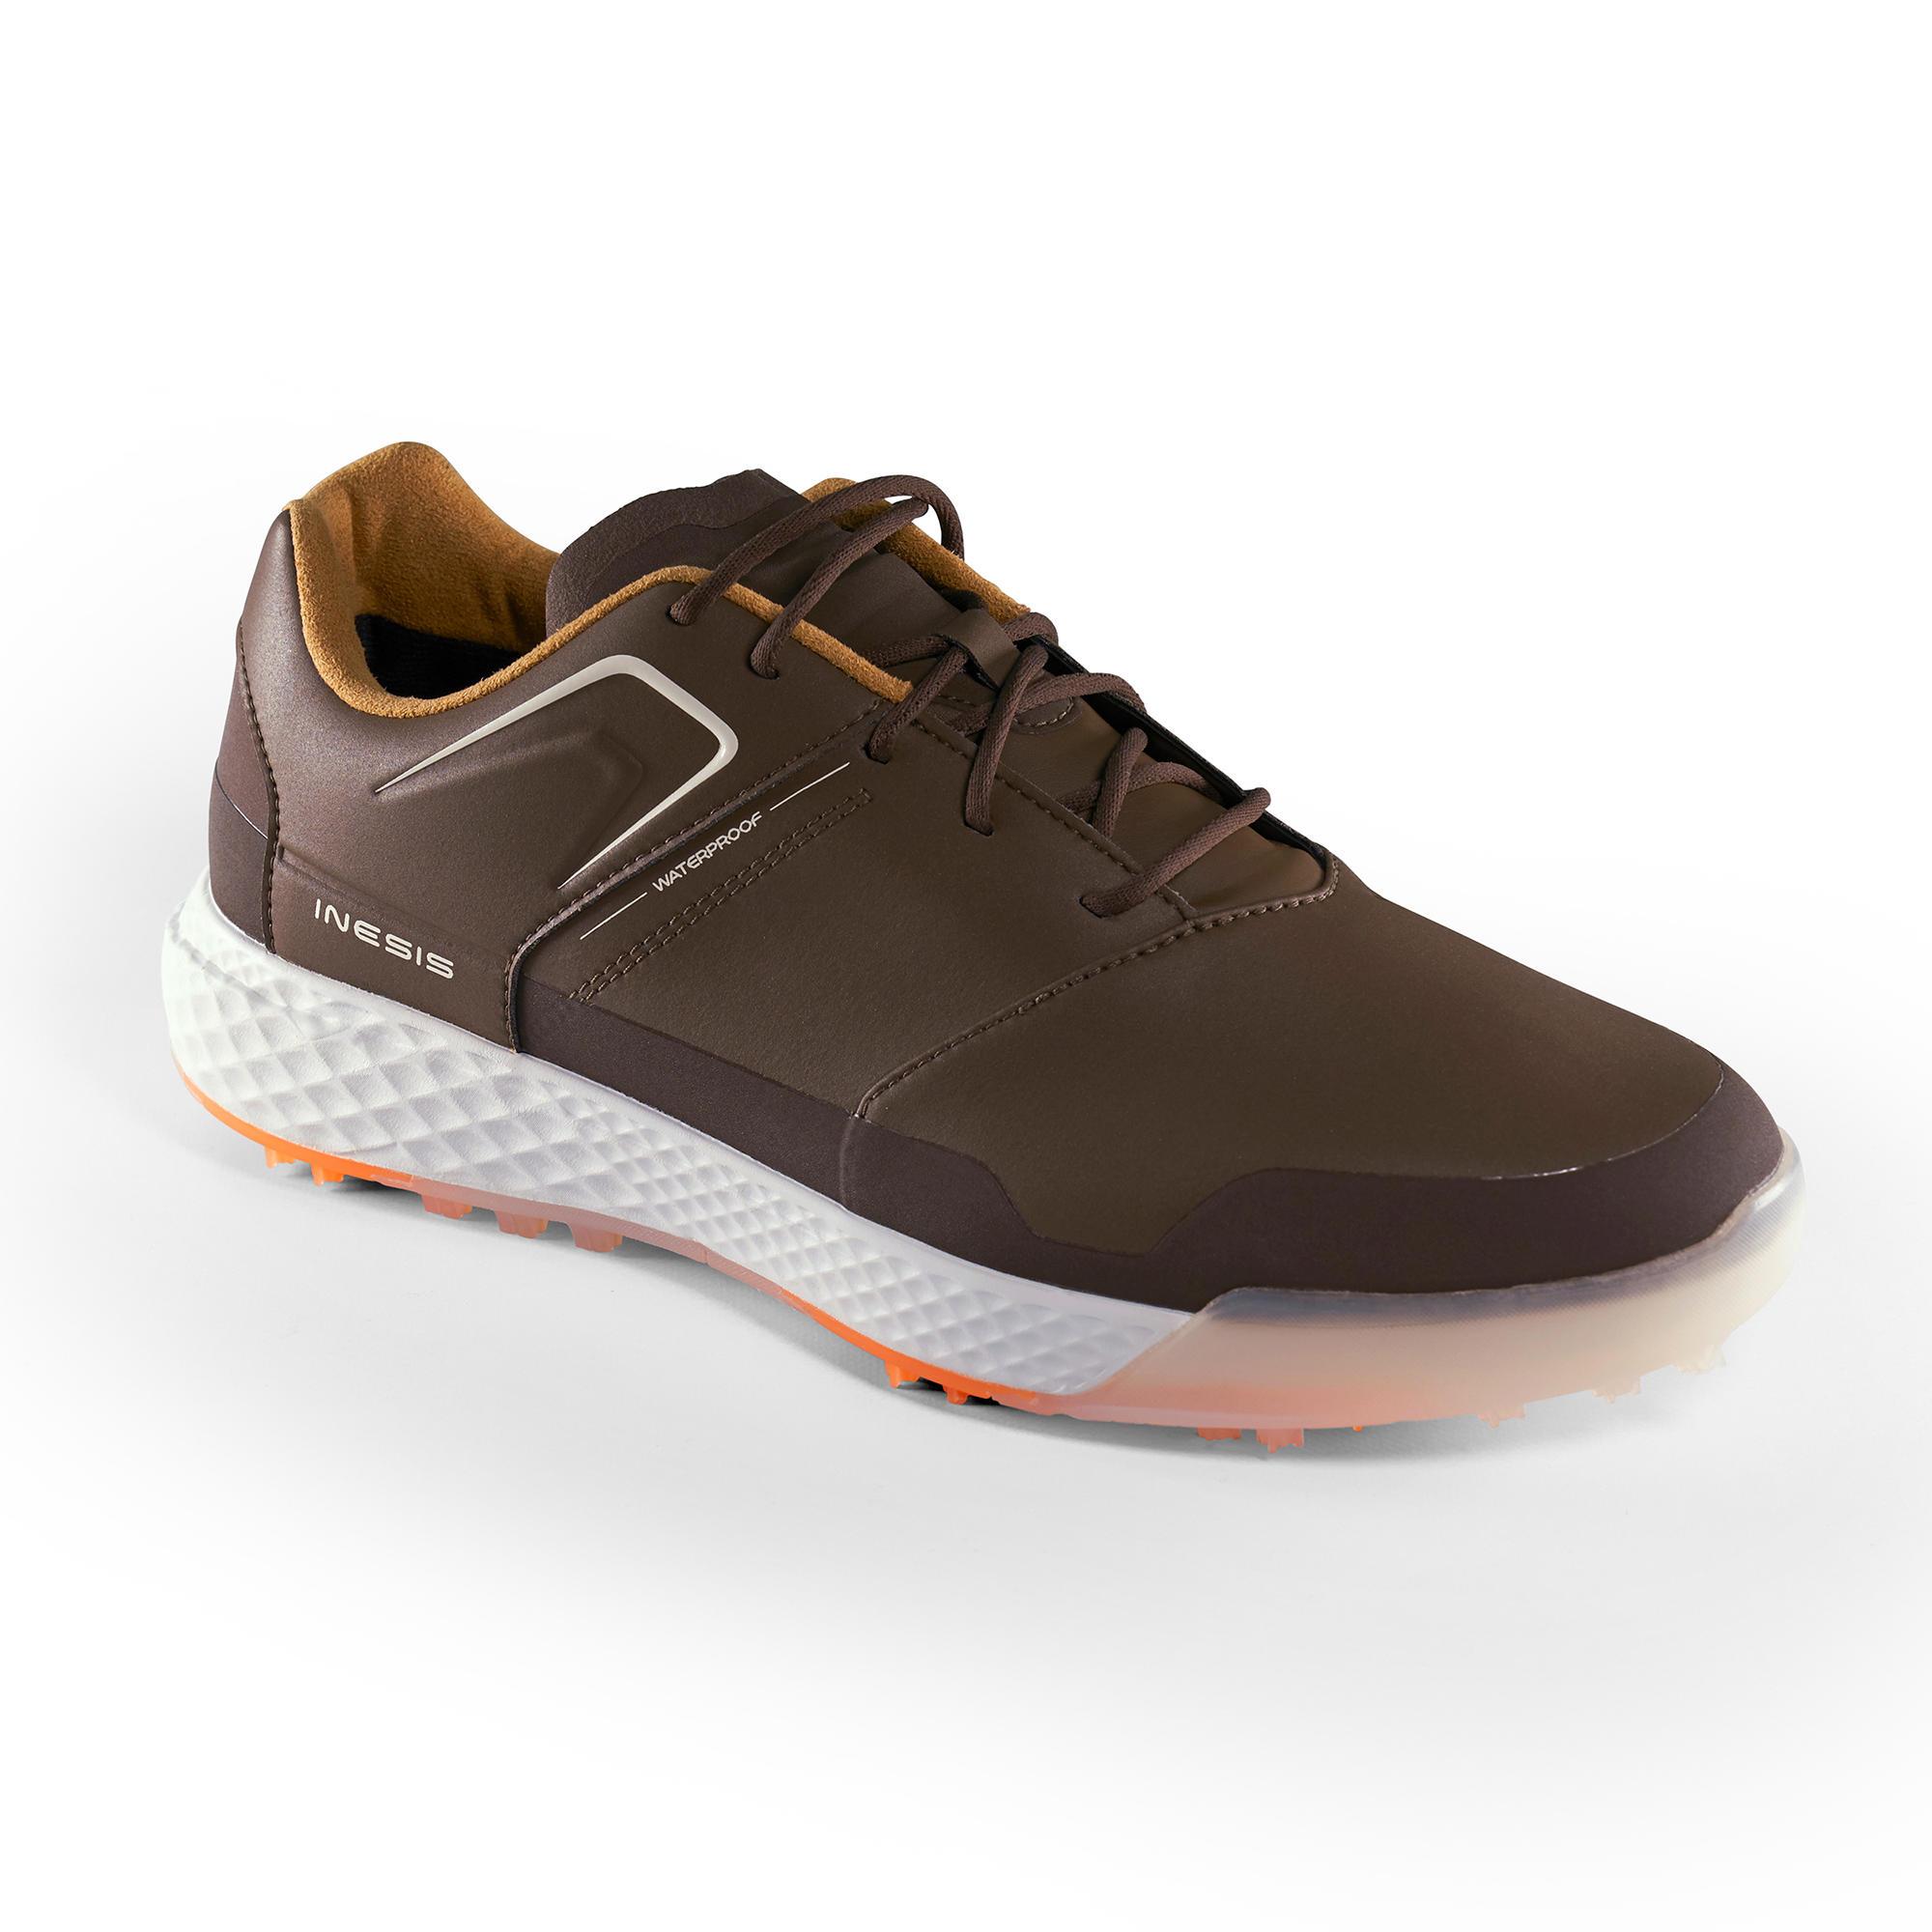 b05fc8f2e6e2a Comprar zapatos y zapatillas de golf online